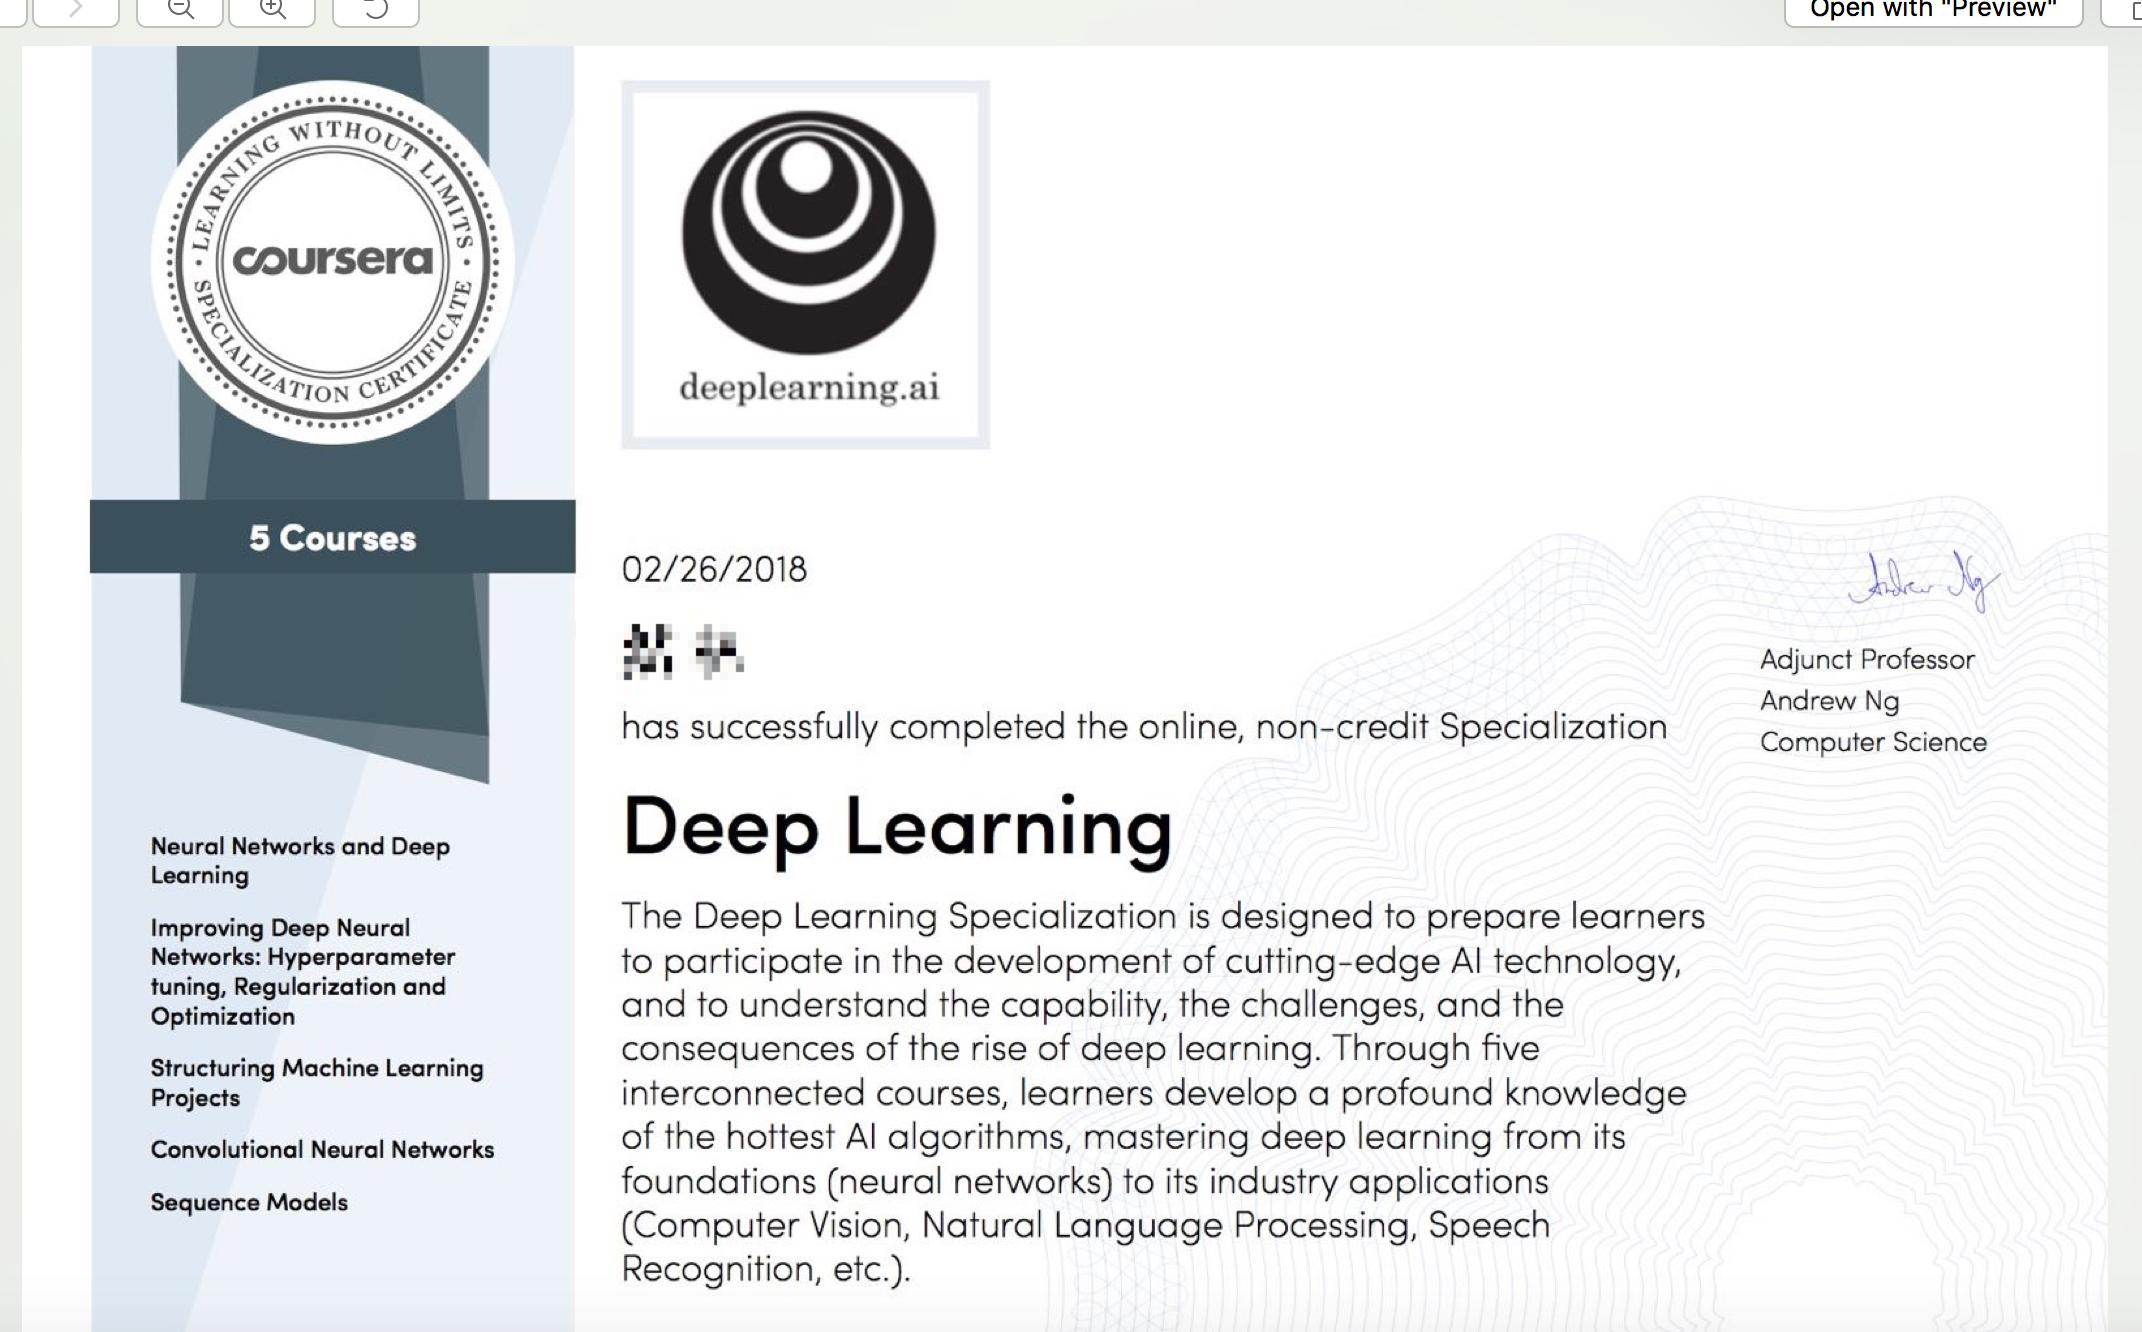 deeplearning